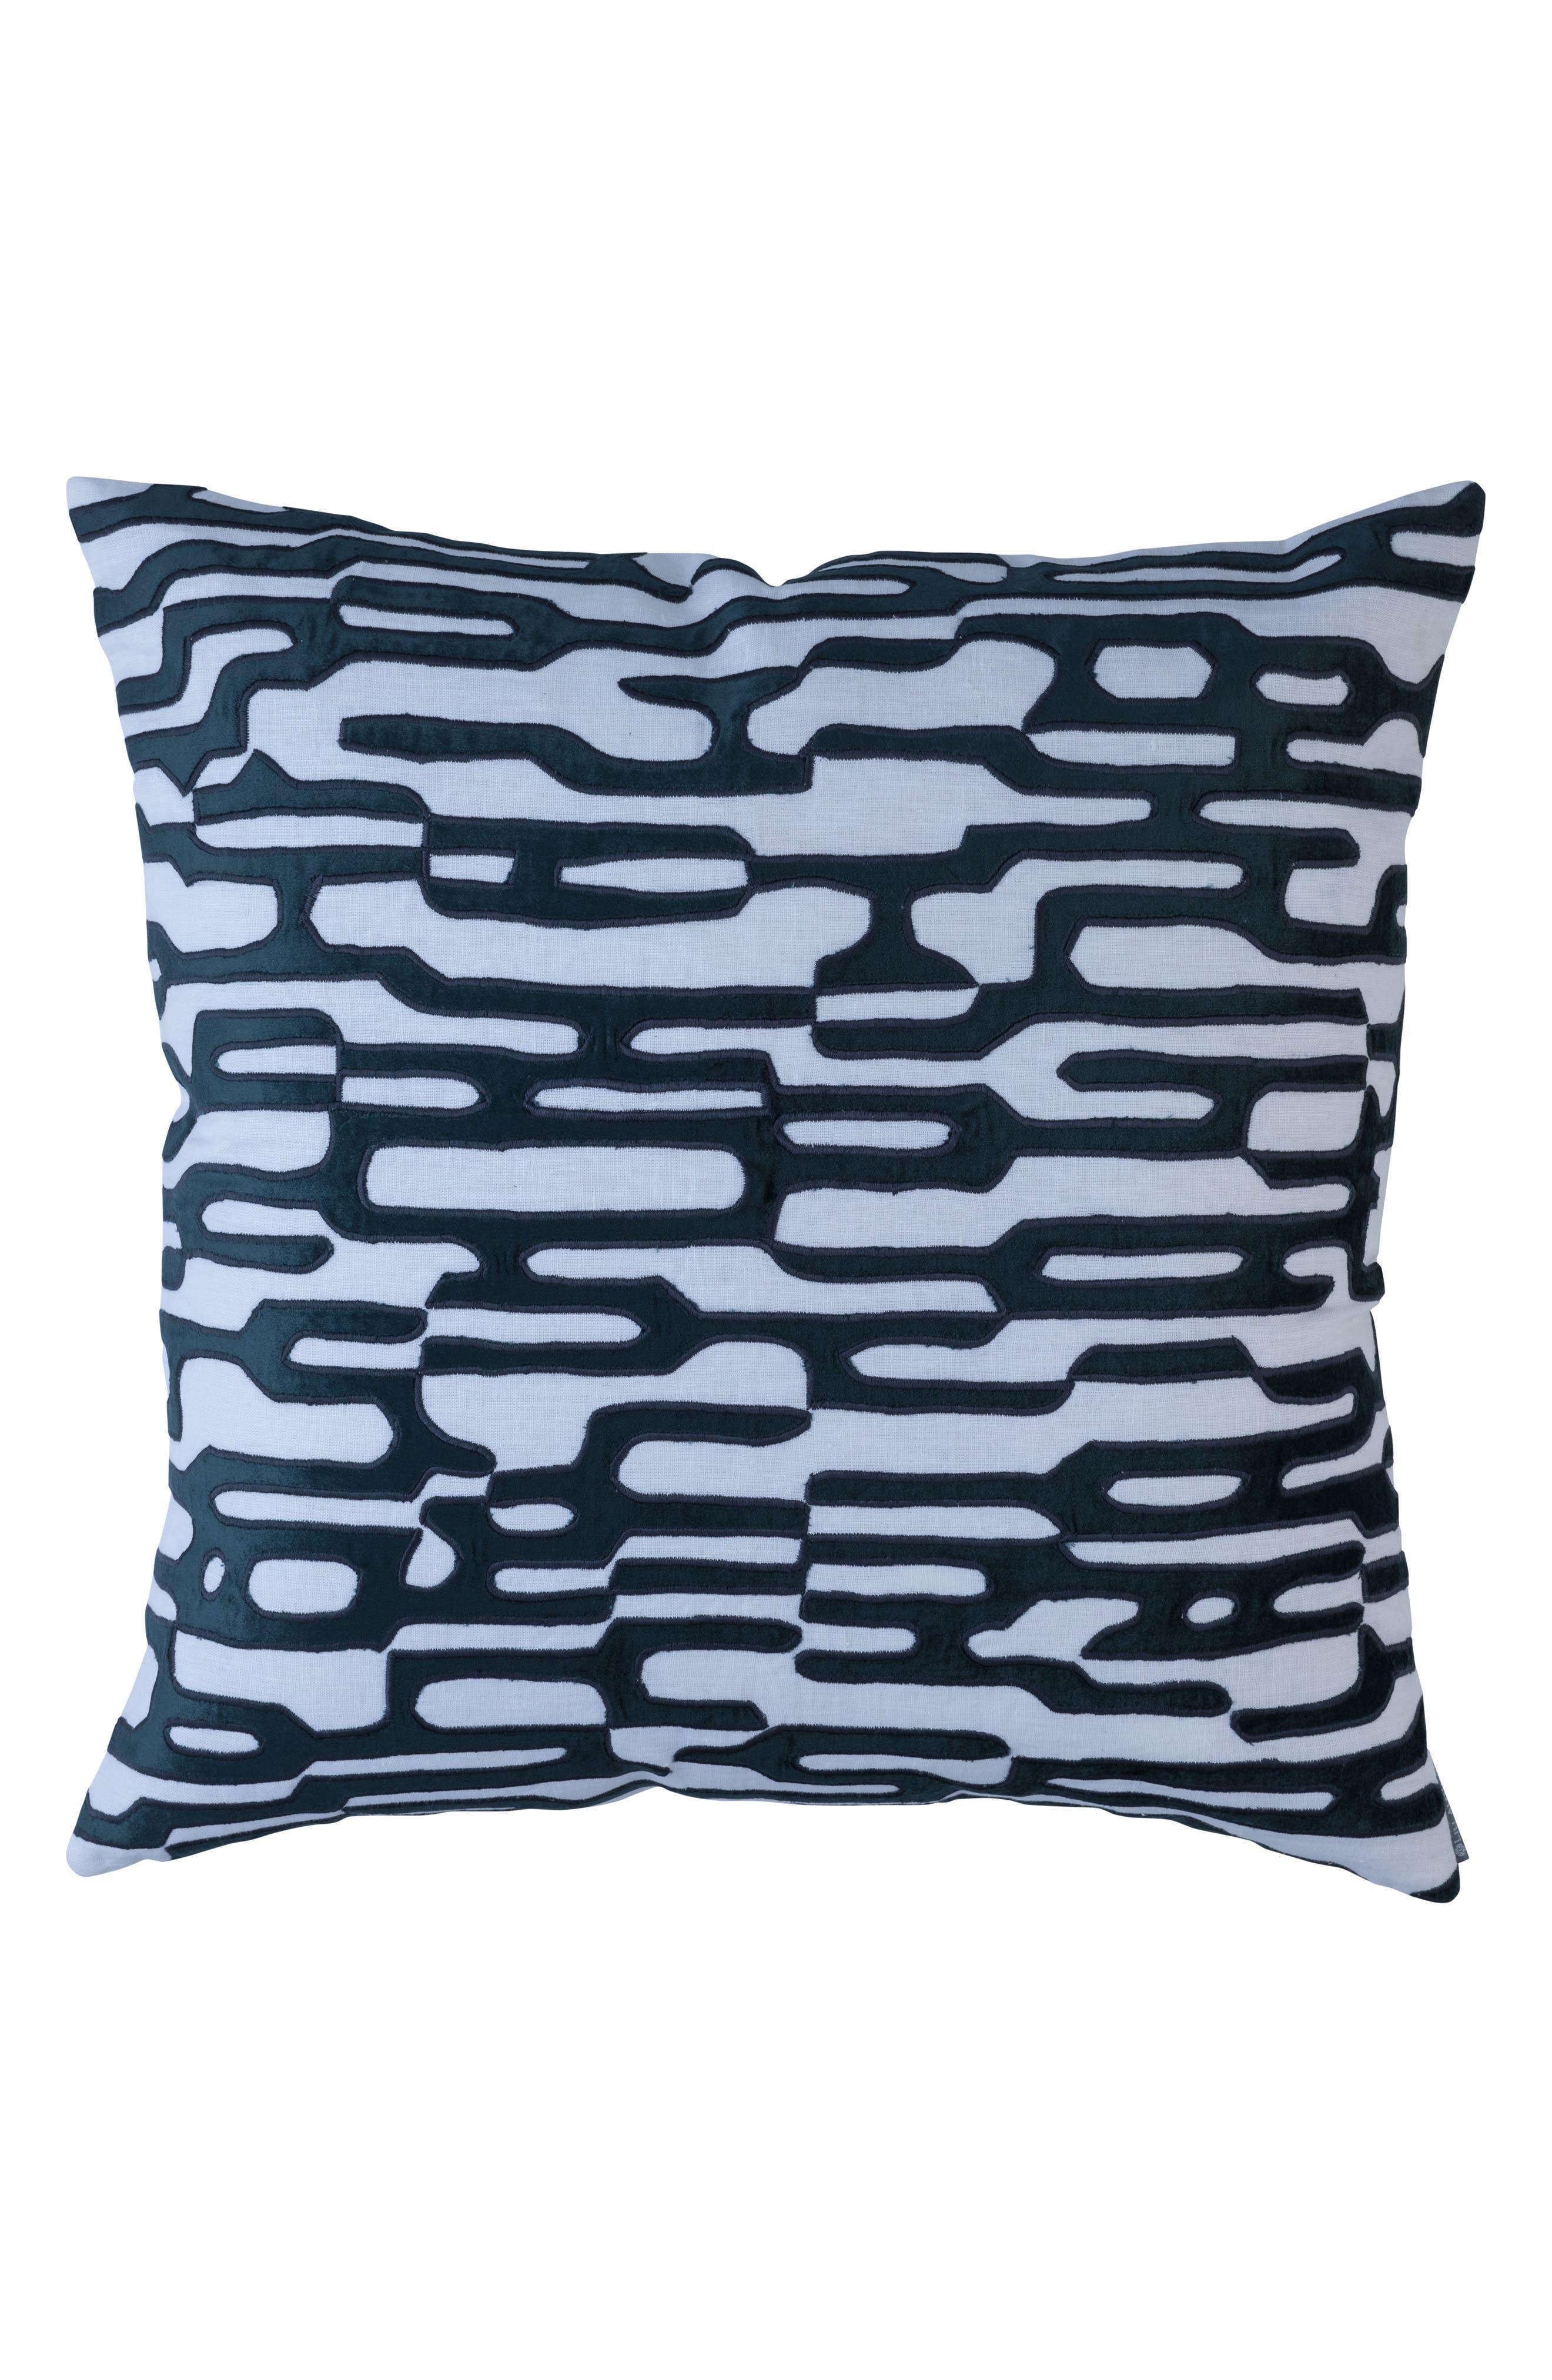 Christian Linen & Velvet Square Accent Pillow,                             Main thumbnail 1, color,                             Blue